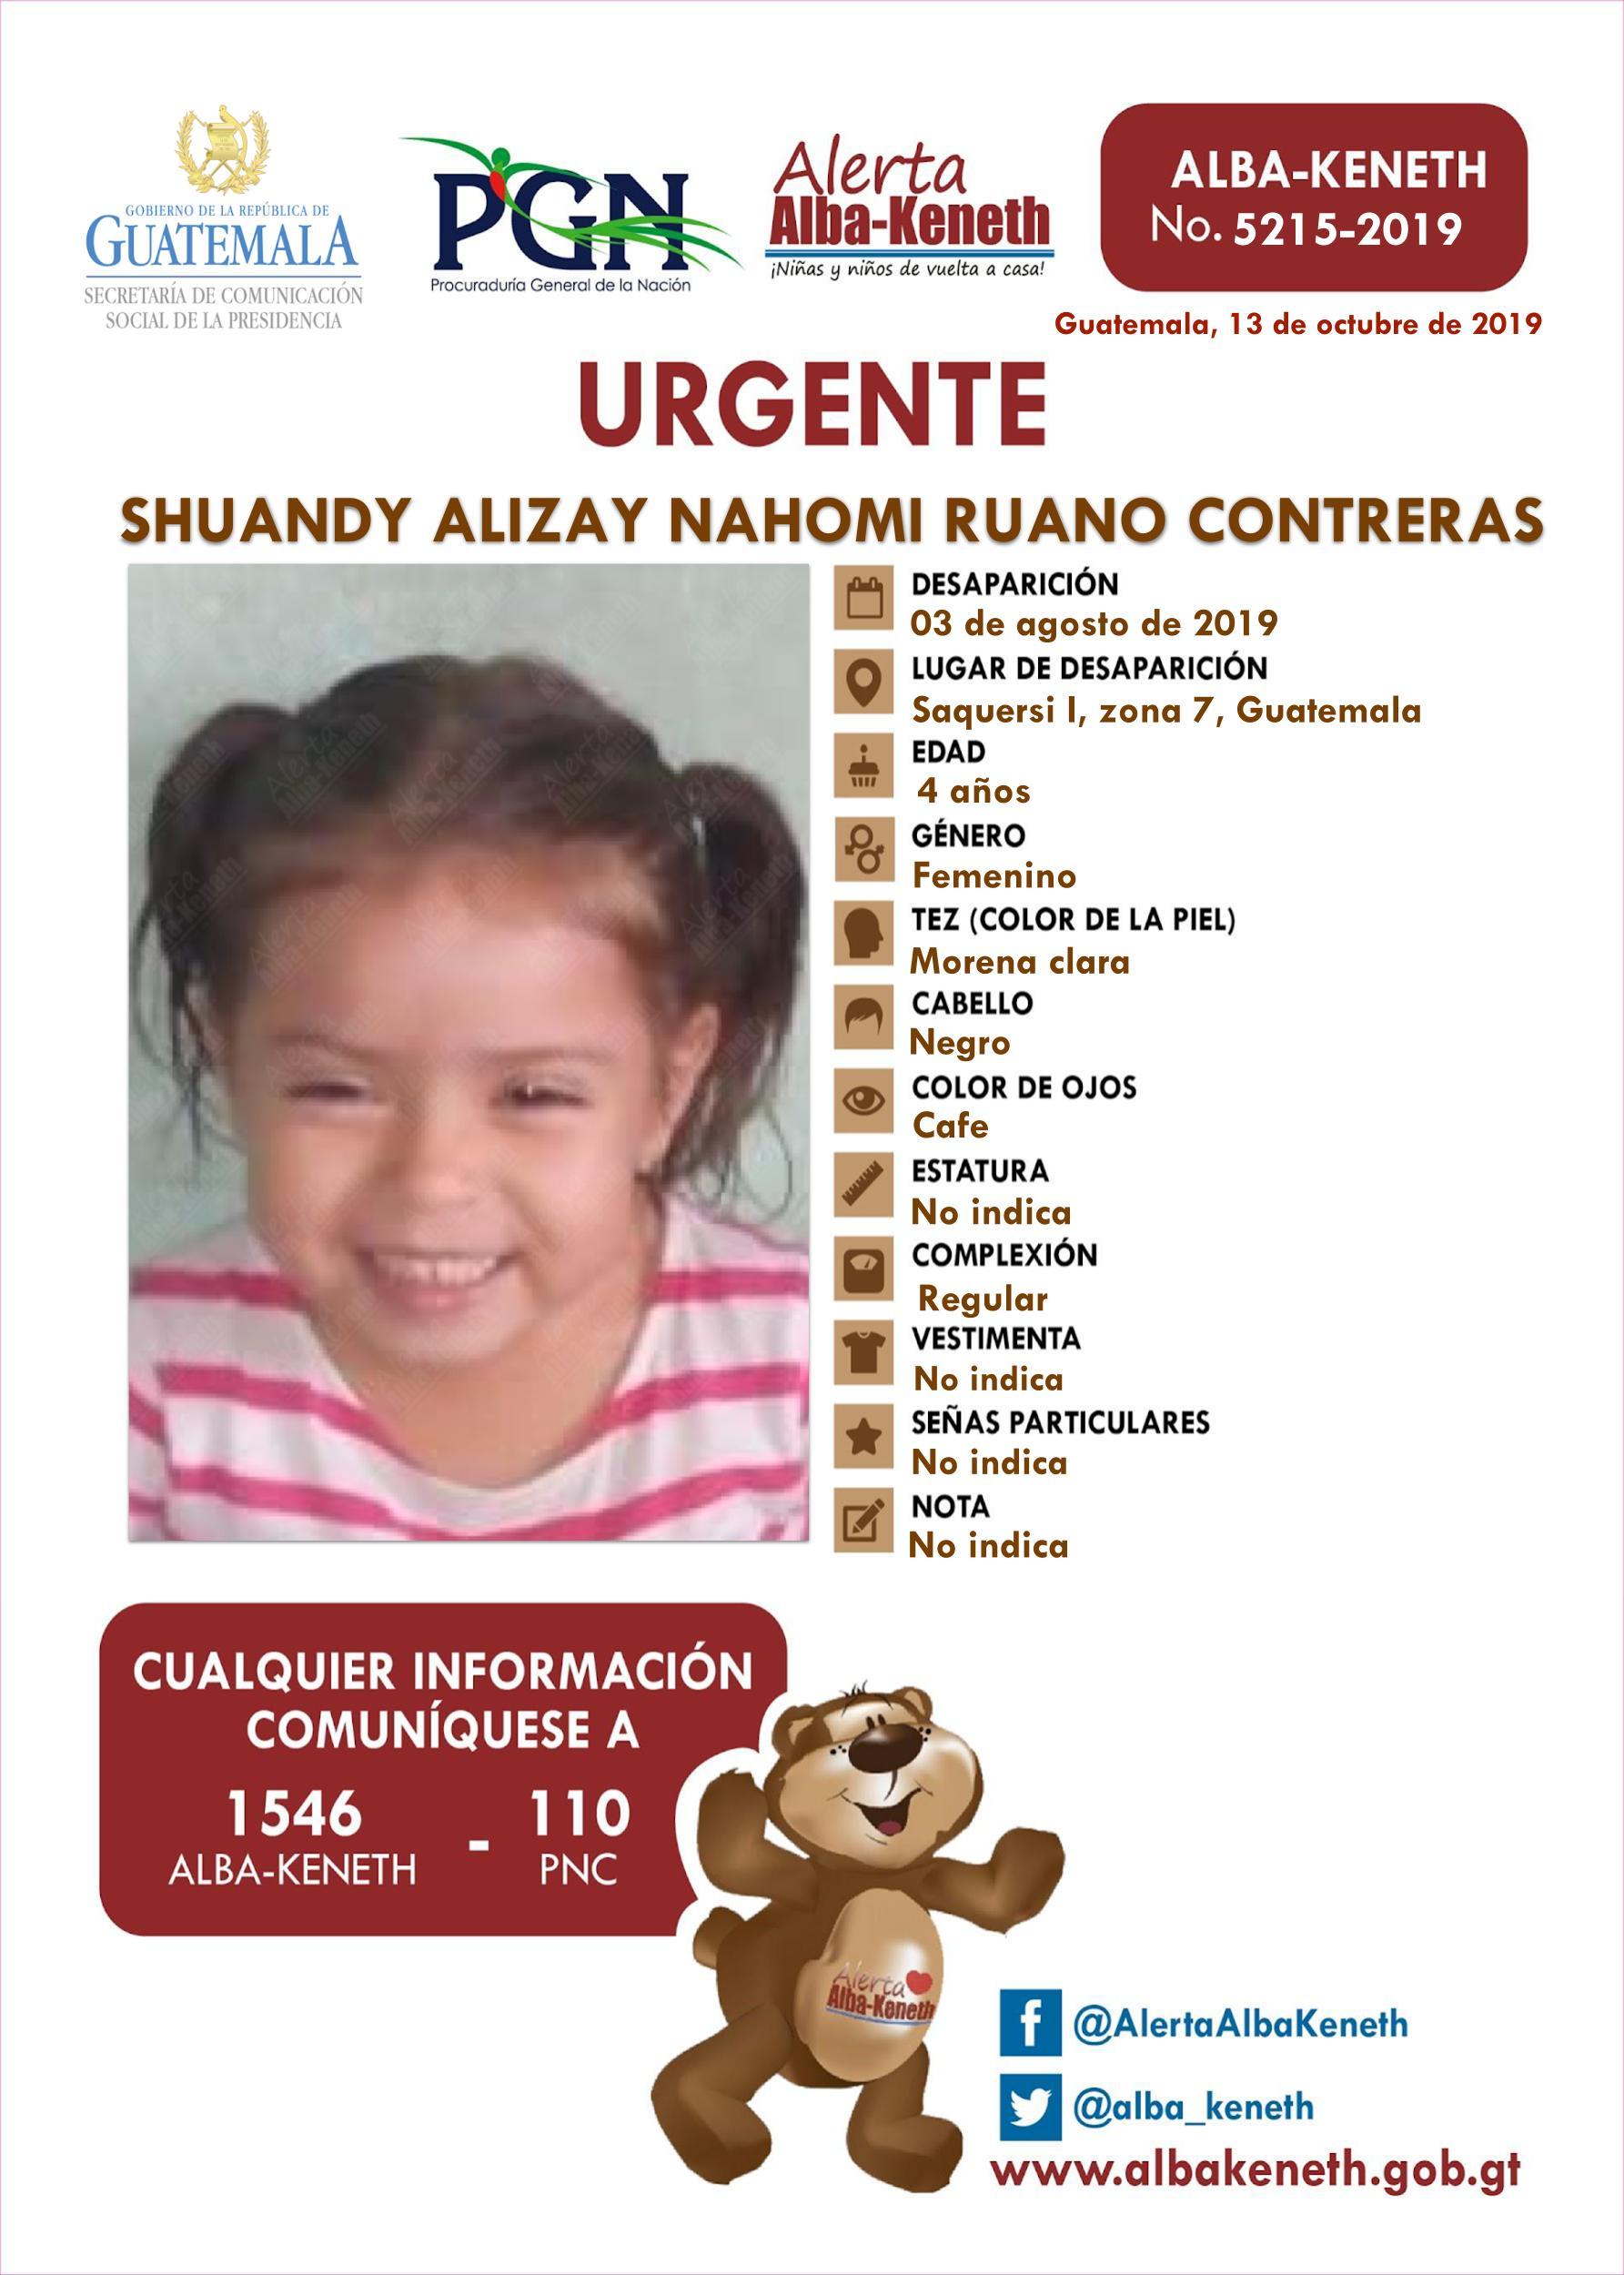 Shuandy Alizay Nahomi Ruano Contreras